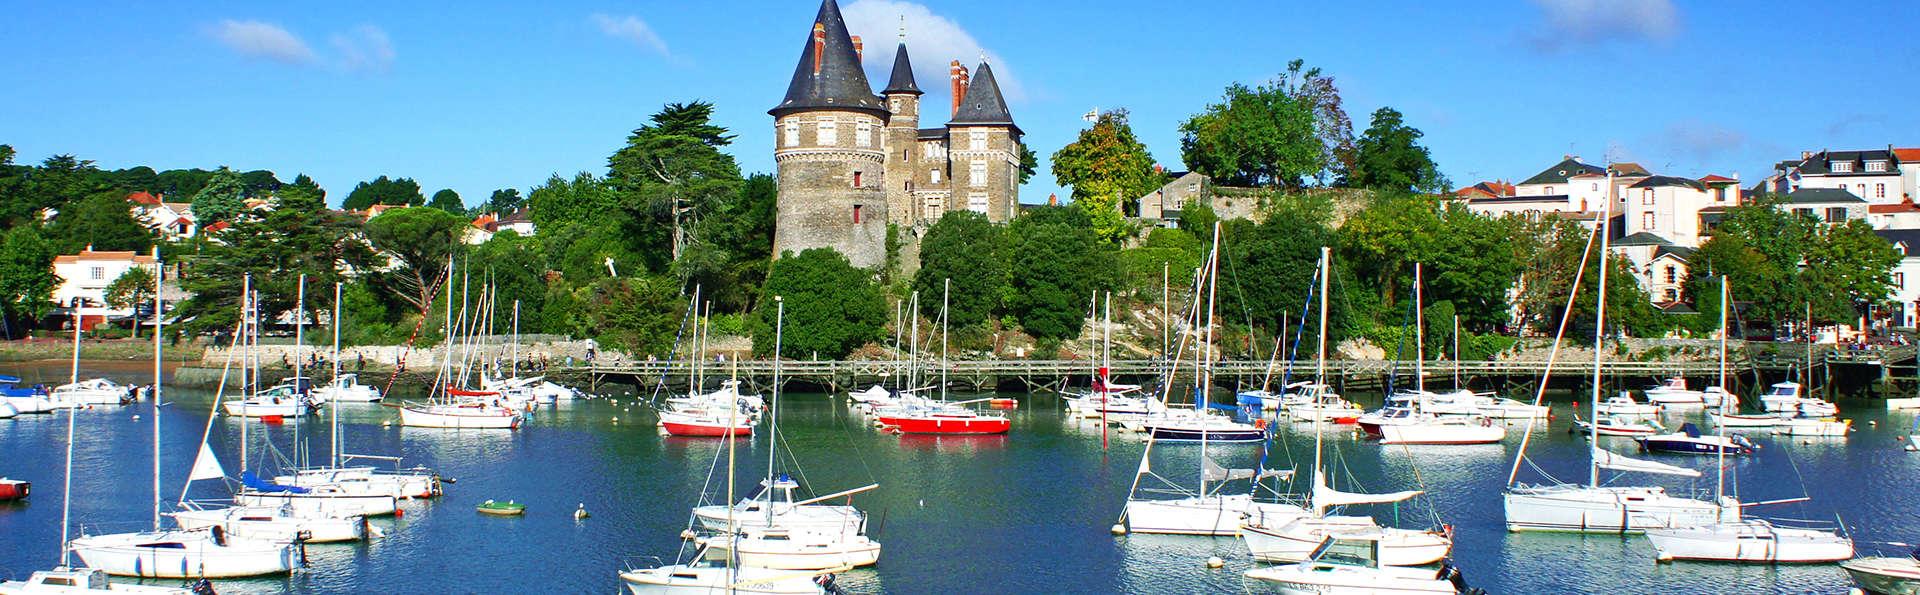 Les pieds dans l'eau près de Saint-Nazaire